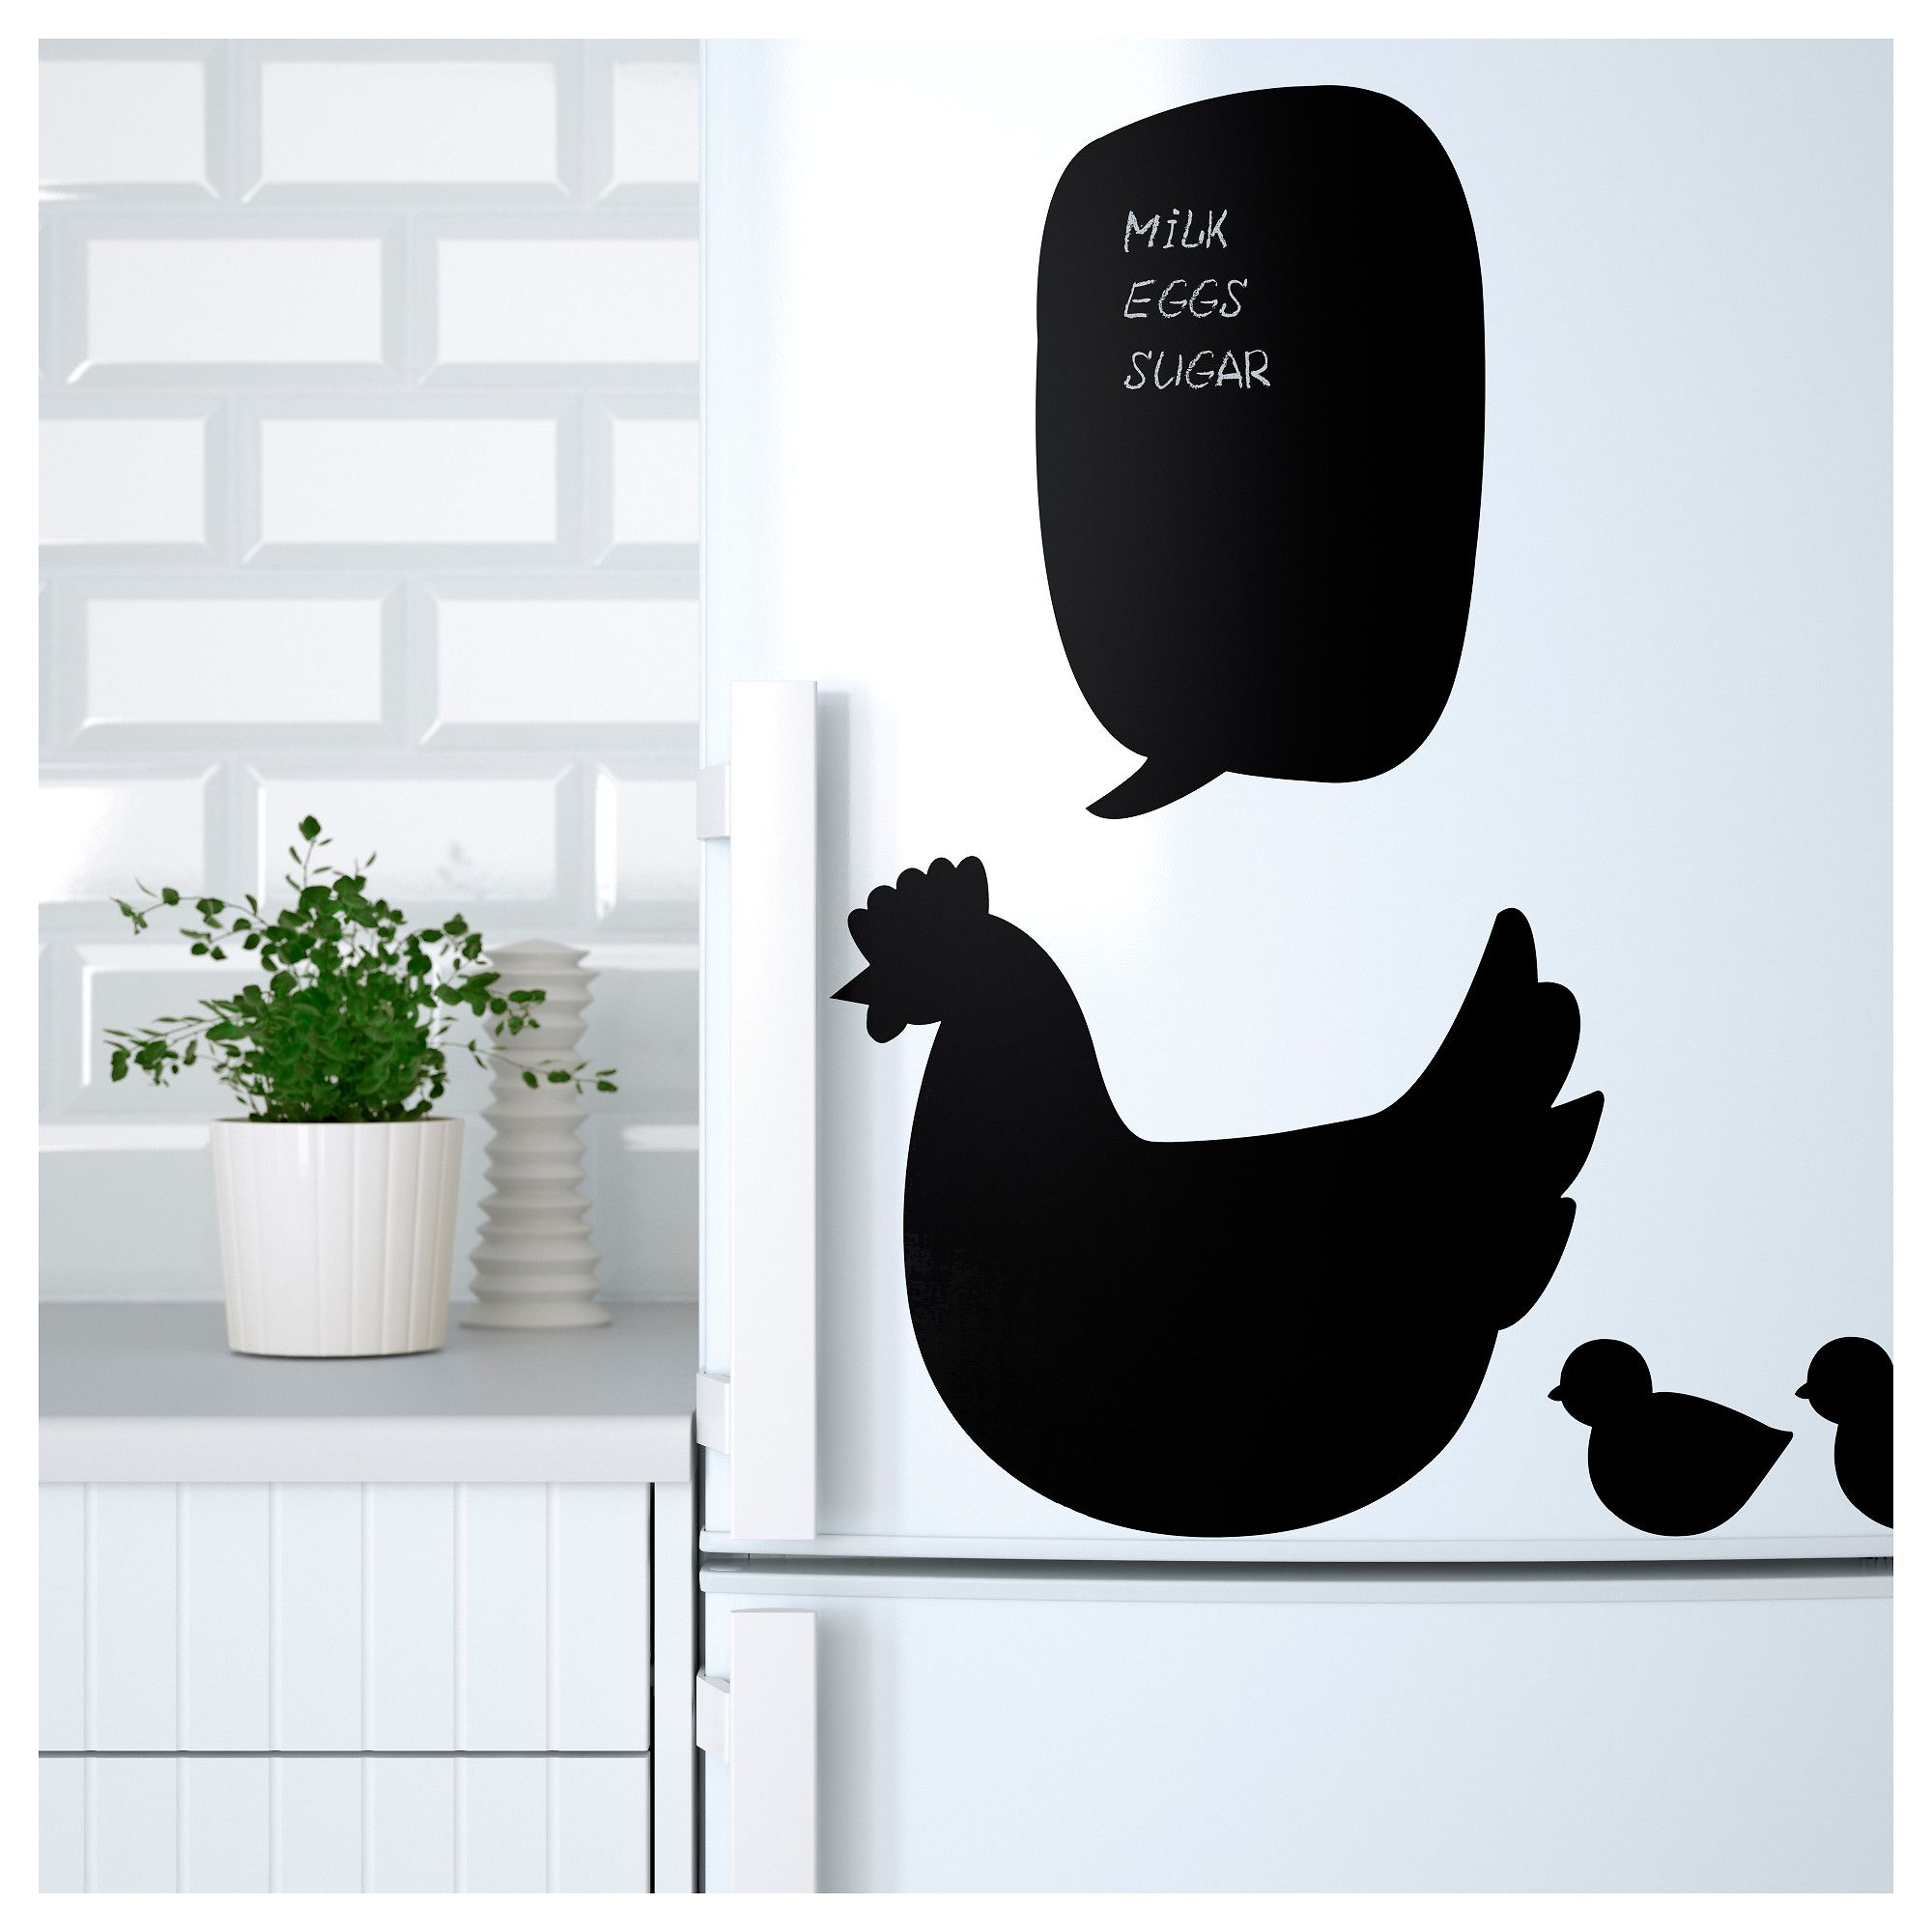 klatta διακοσμητικά αυτοκόλλητα - ikea | deco | pinterest - Stickers Murali Ikea